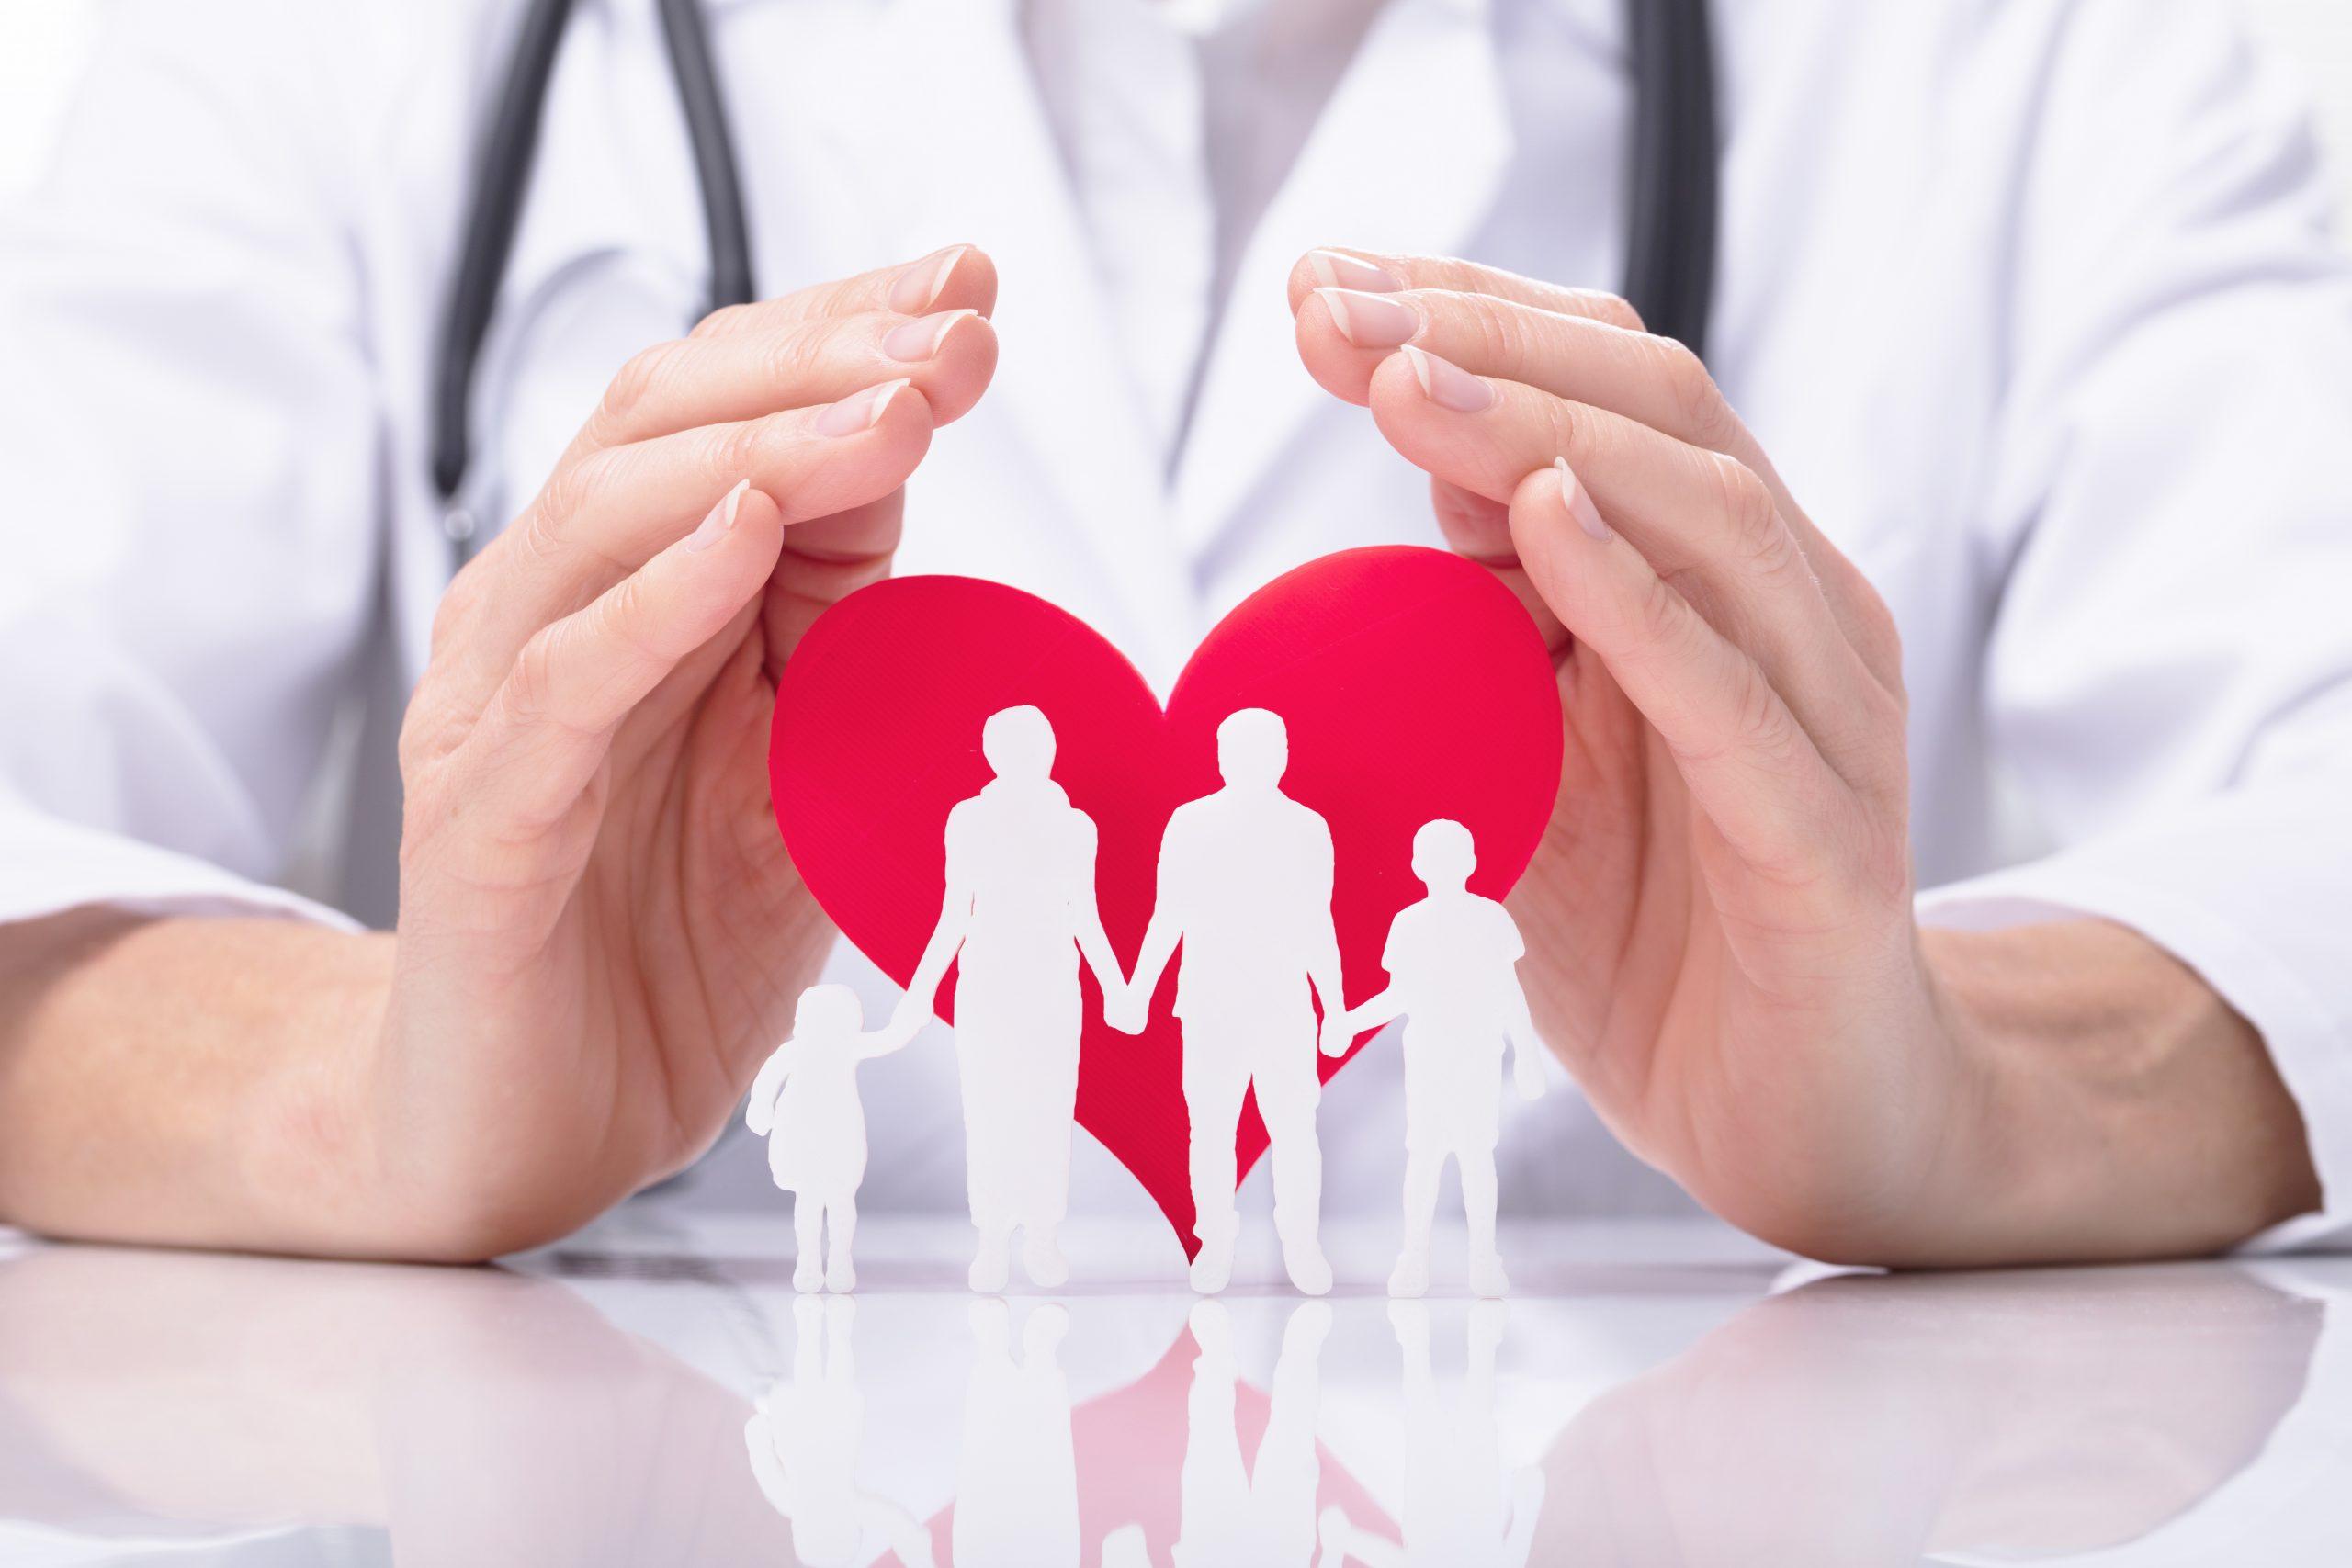 страхование жизни 2021